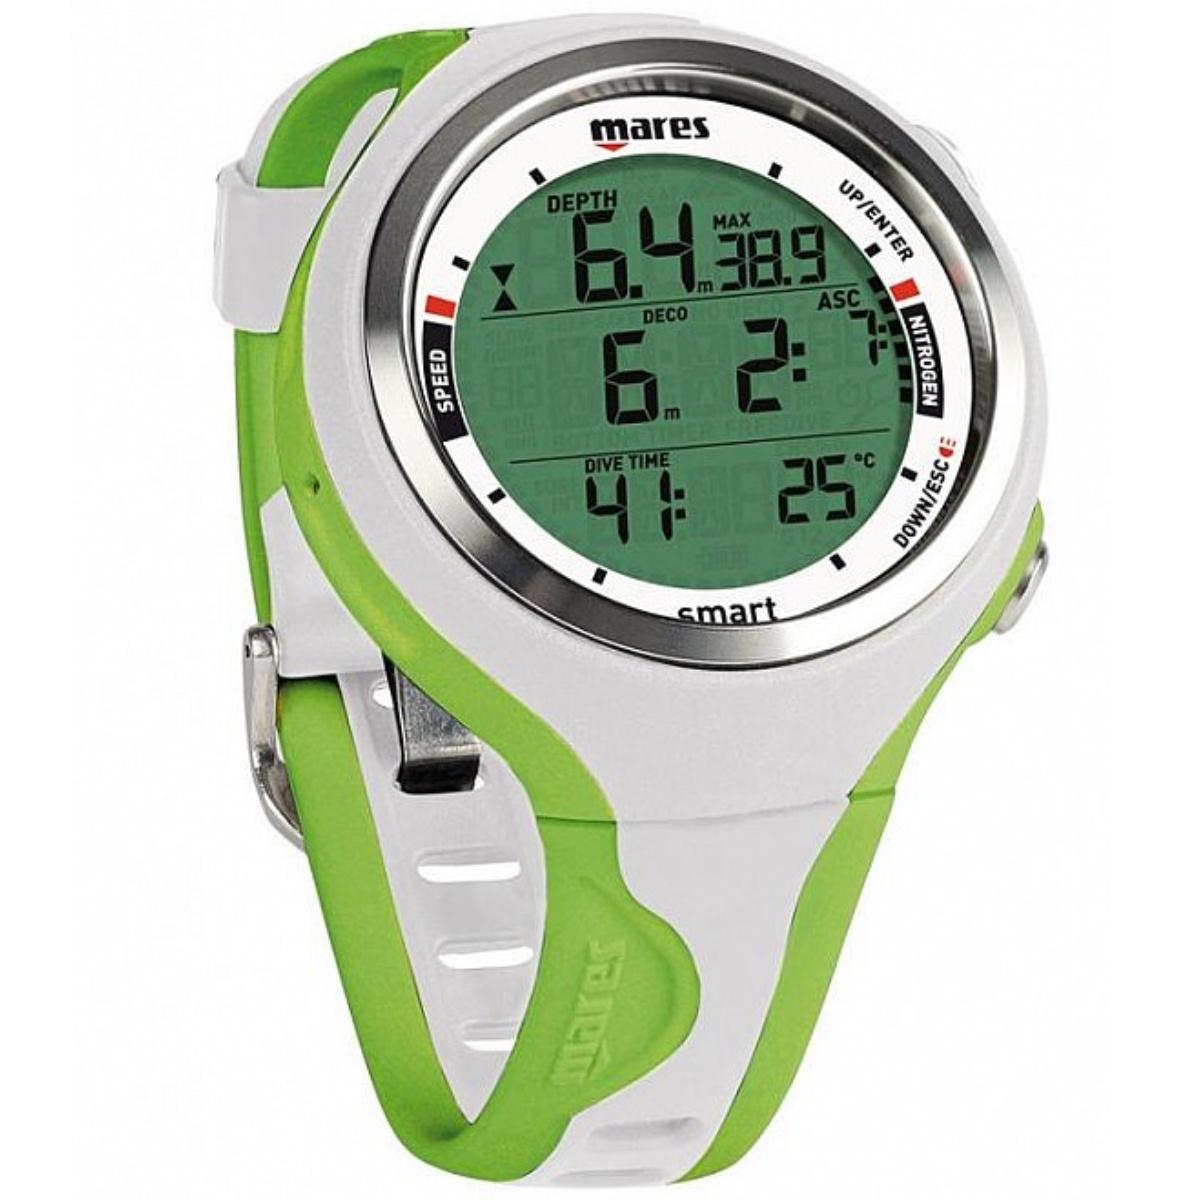 Potápěčský počítač MARES Smart zeleno-bílý